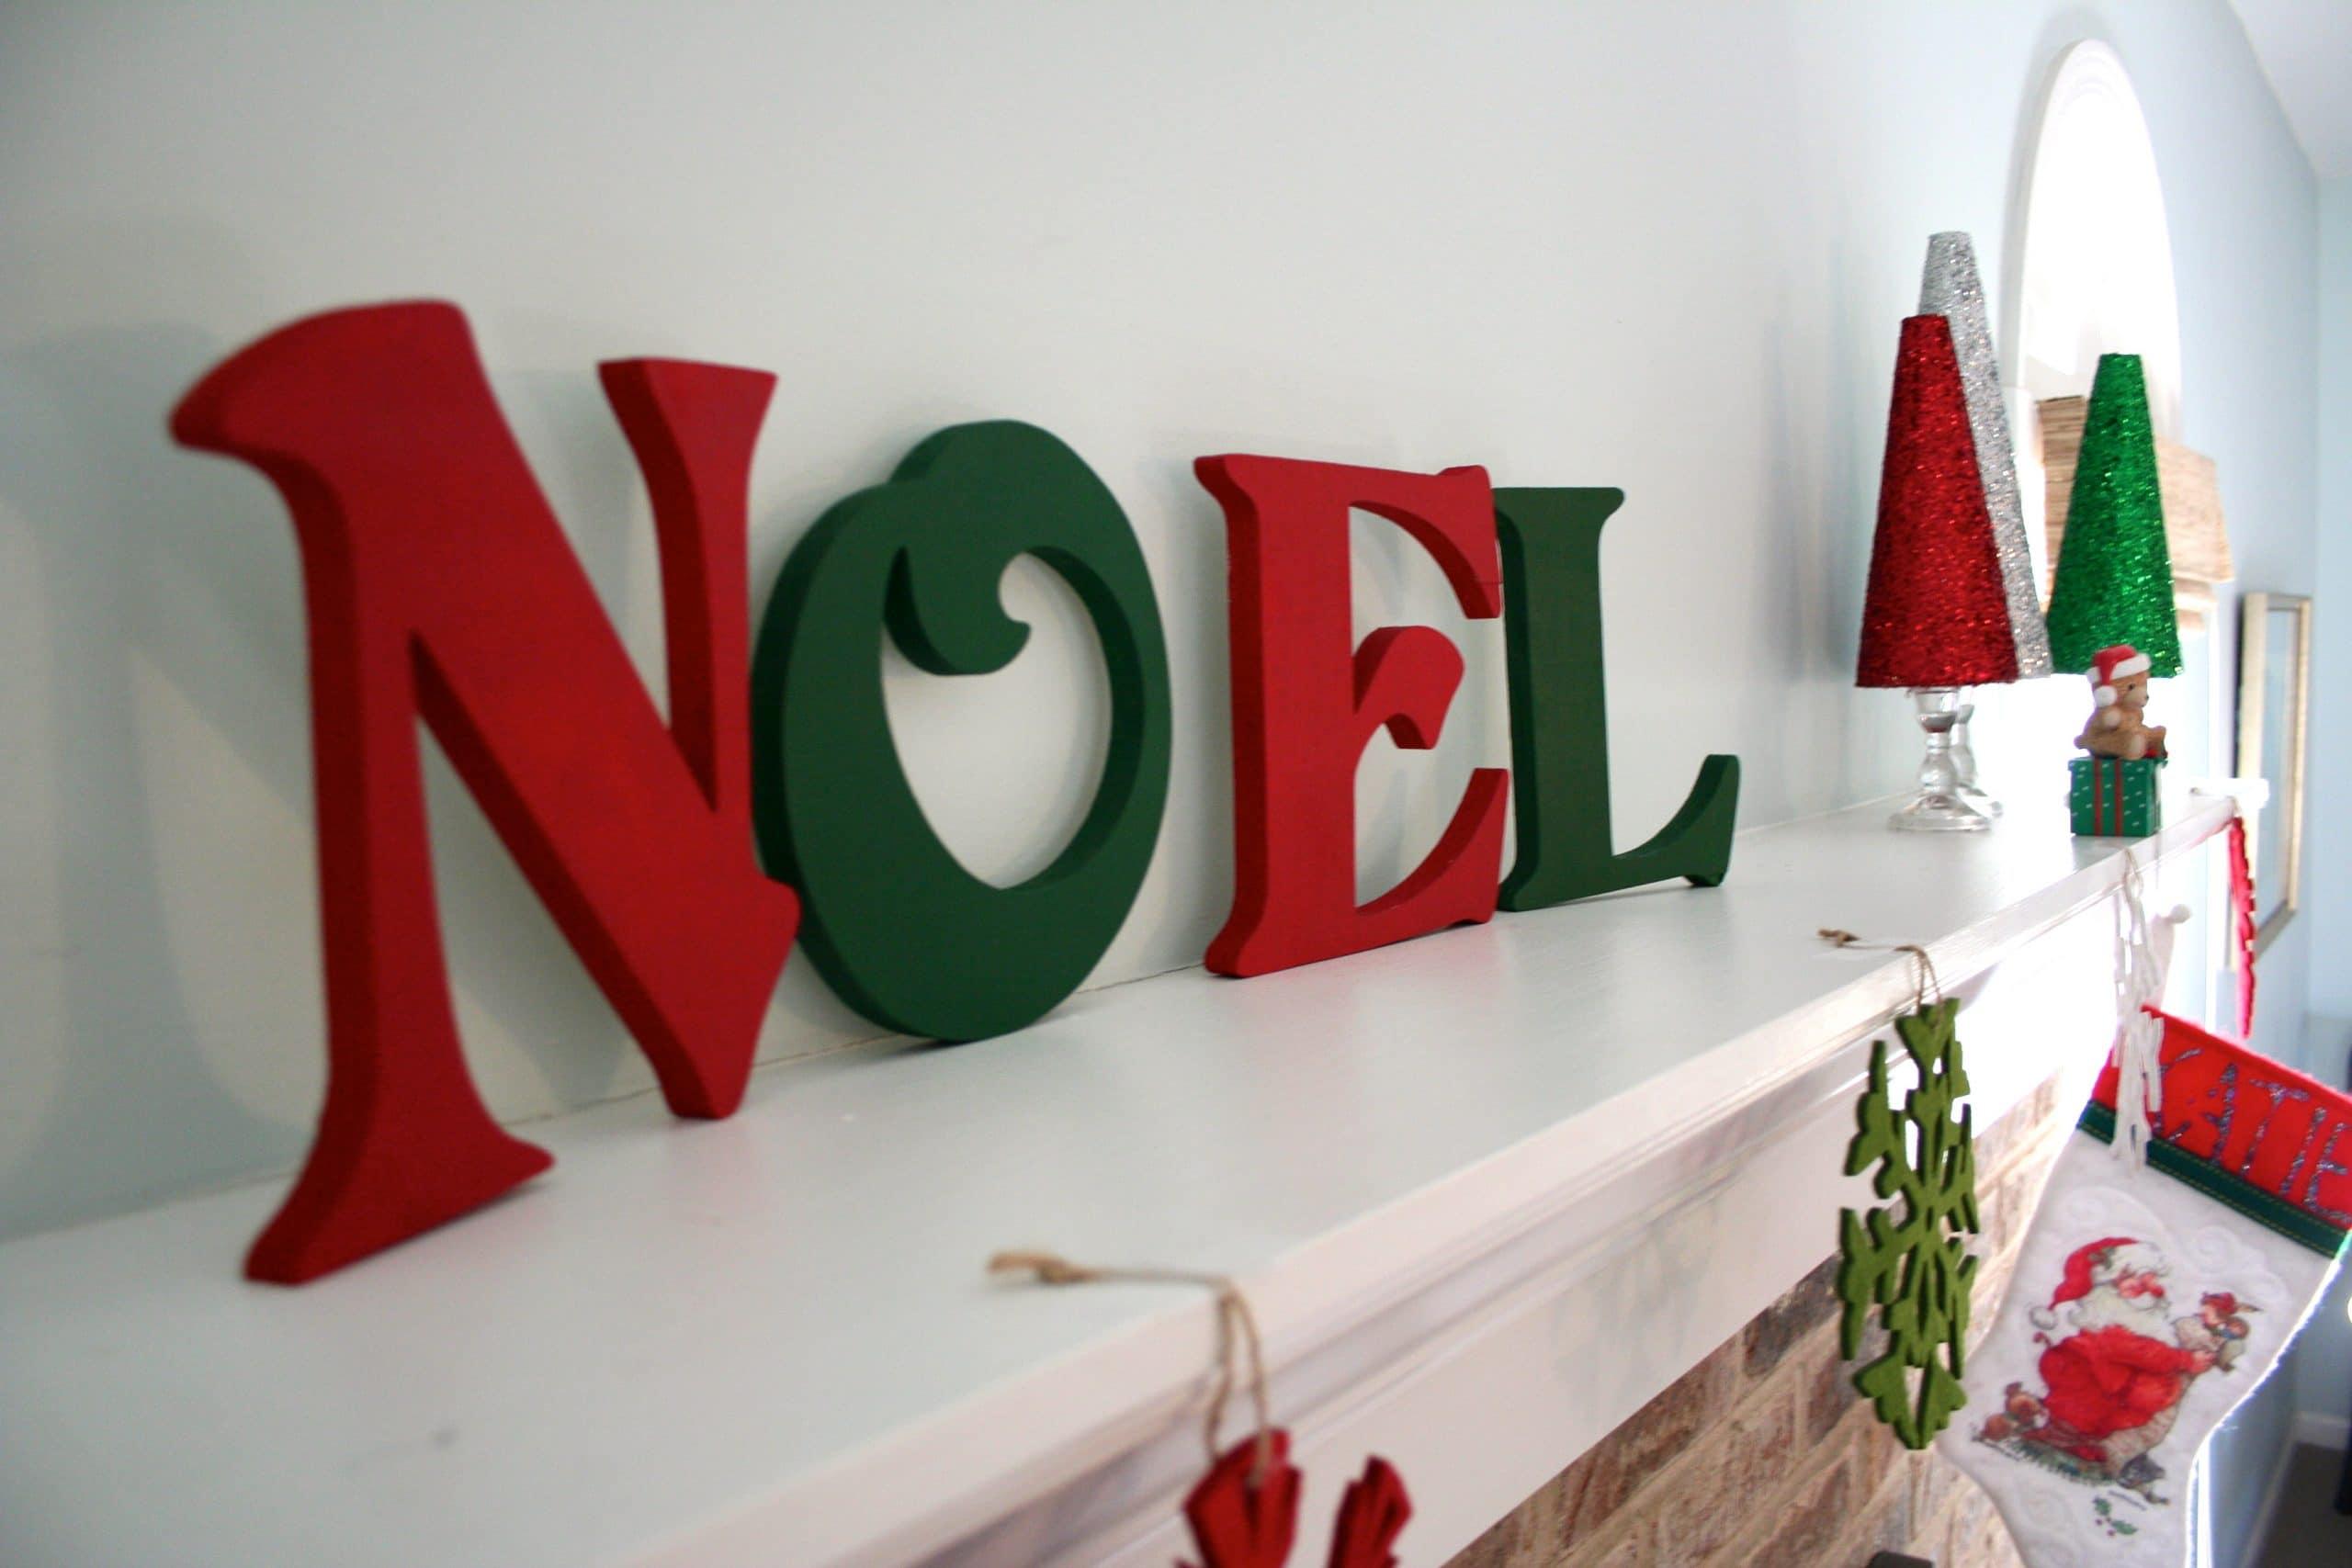 #B01B21 DIY Glitter Christmas Tree A Dash Of Megnut 7610 décoration de noel à fabriquer pour adultes 3456x2304 px @ aertt.com